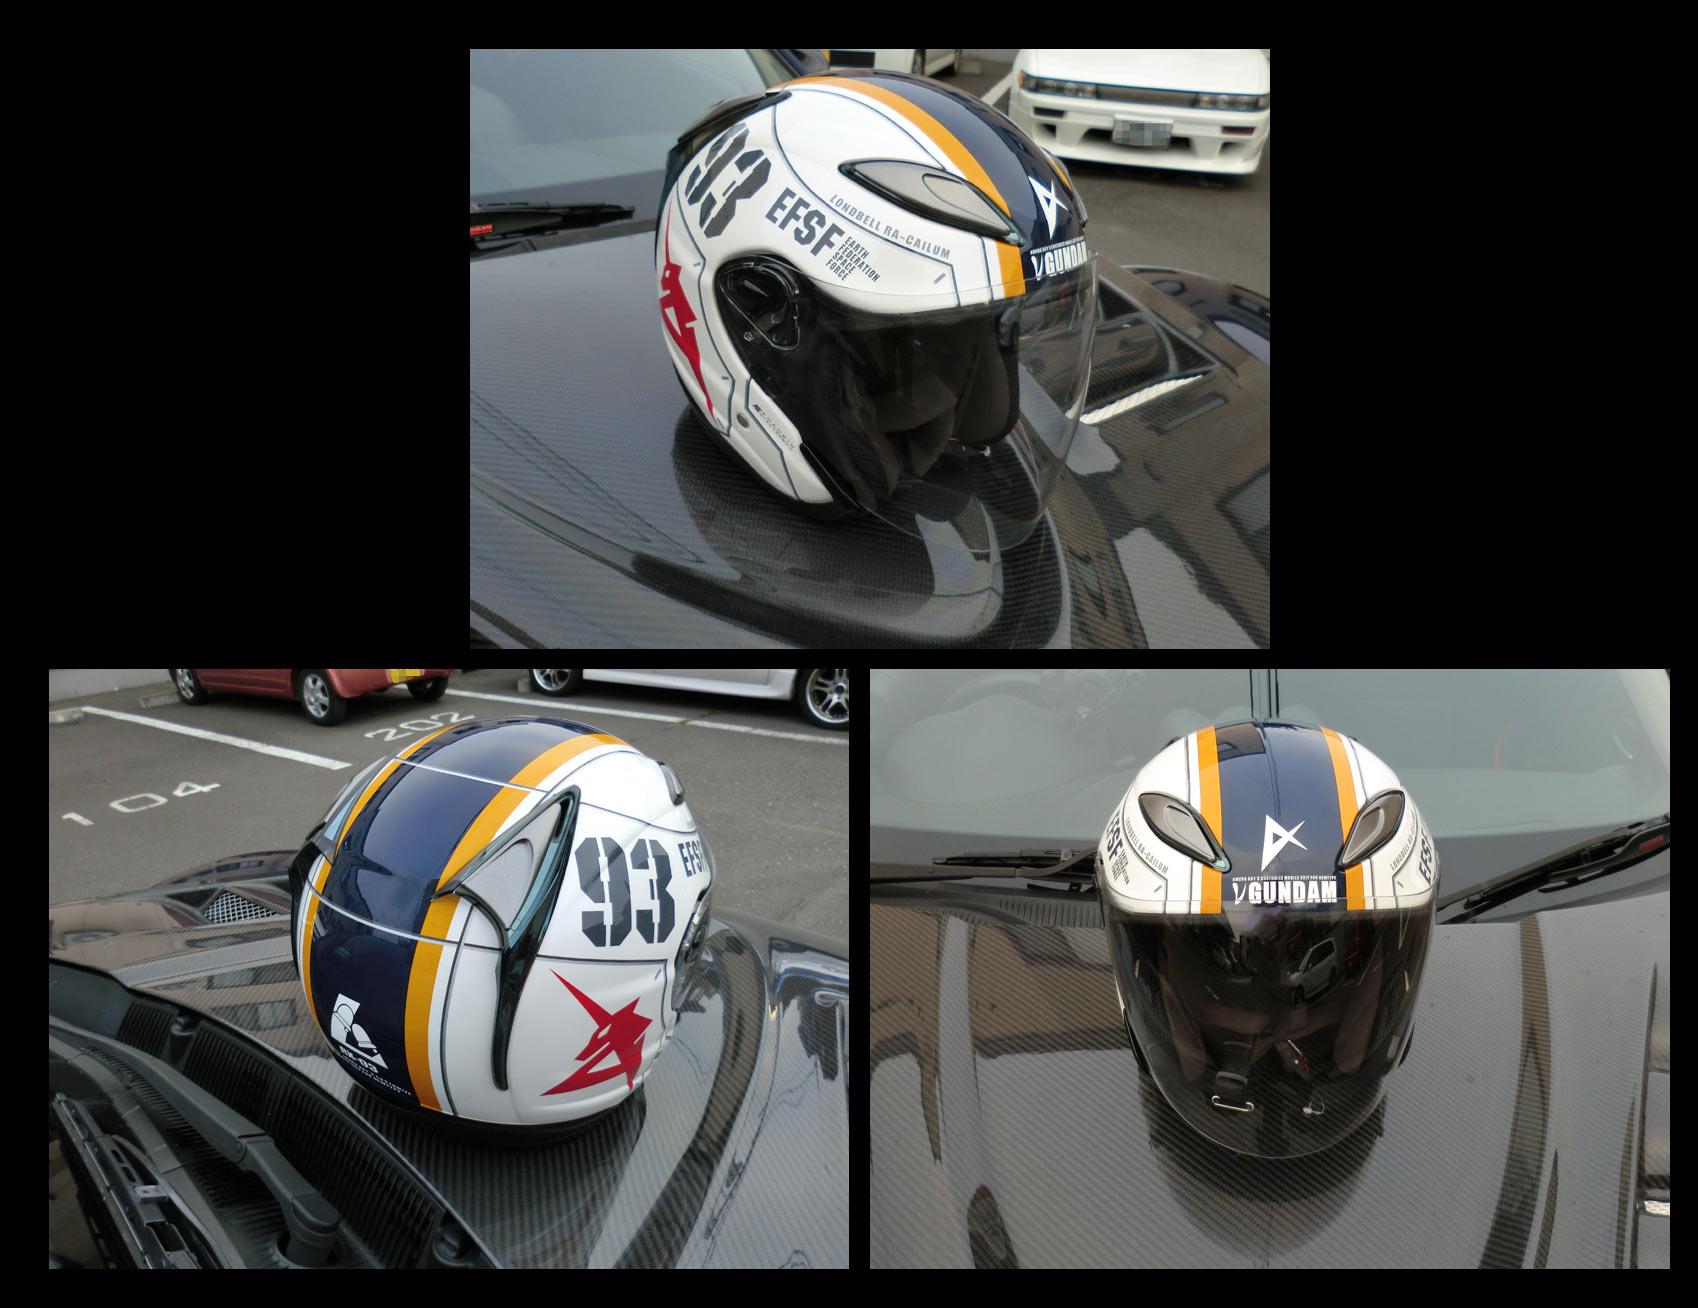 OGK ヘルメット TYPE RX-93 νGUNDAM